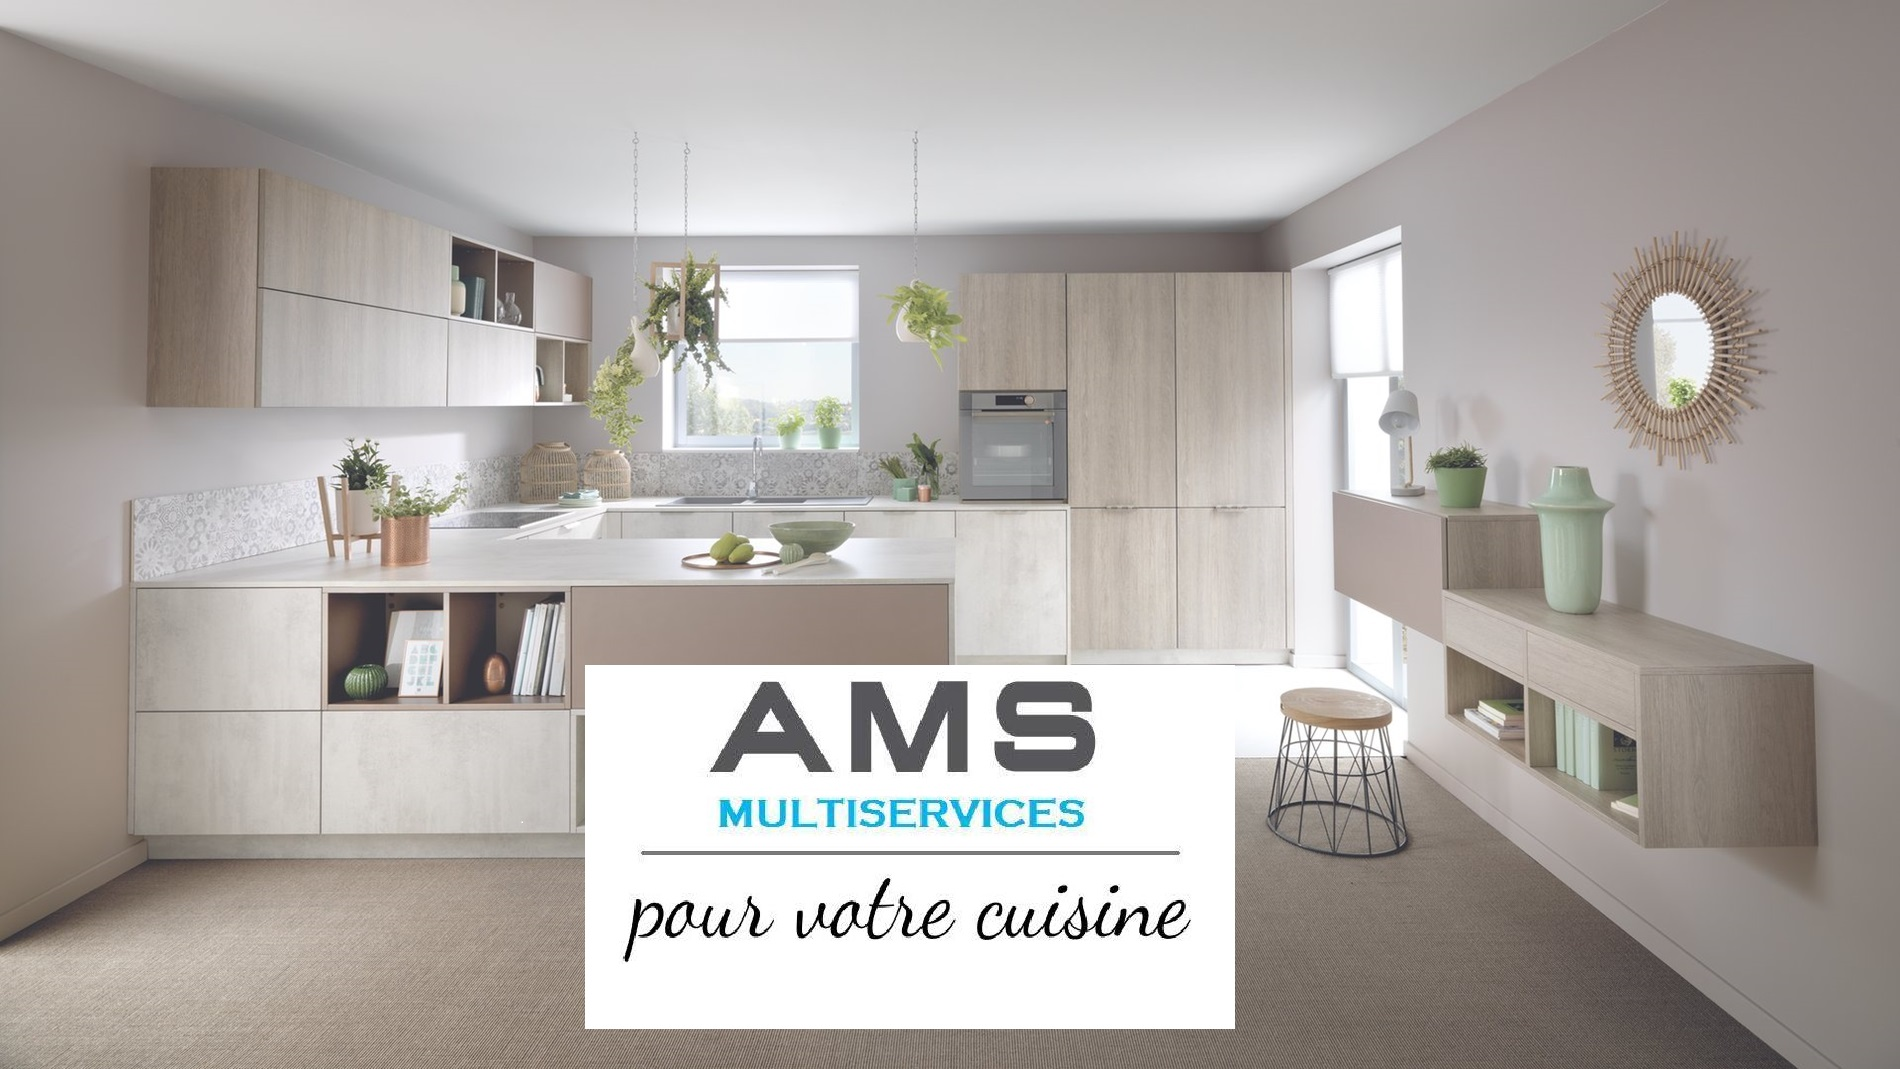 Ams travaux multi services partenaire cuisinistes metz - Eco cuisine metz ...